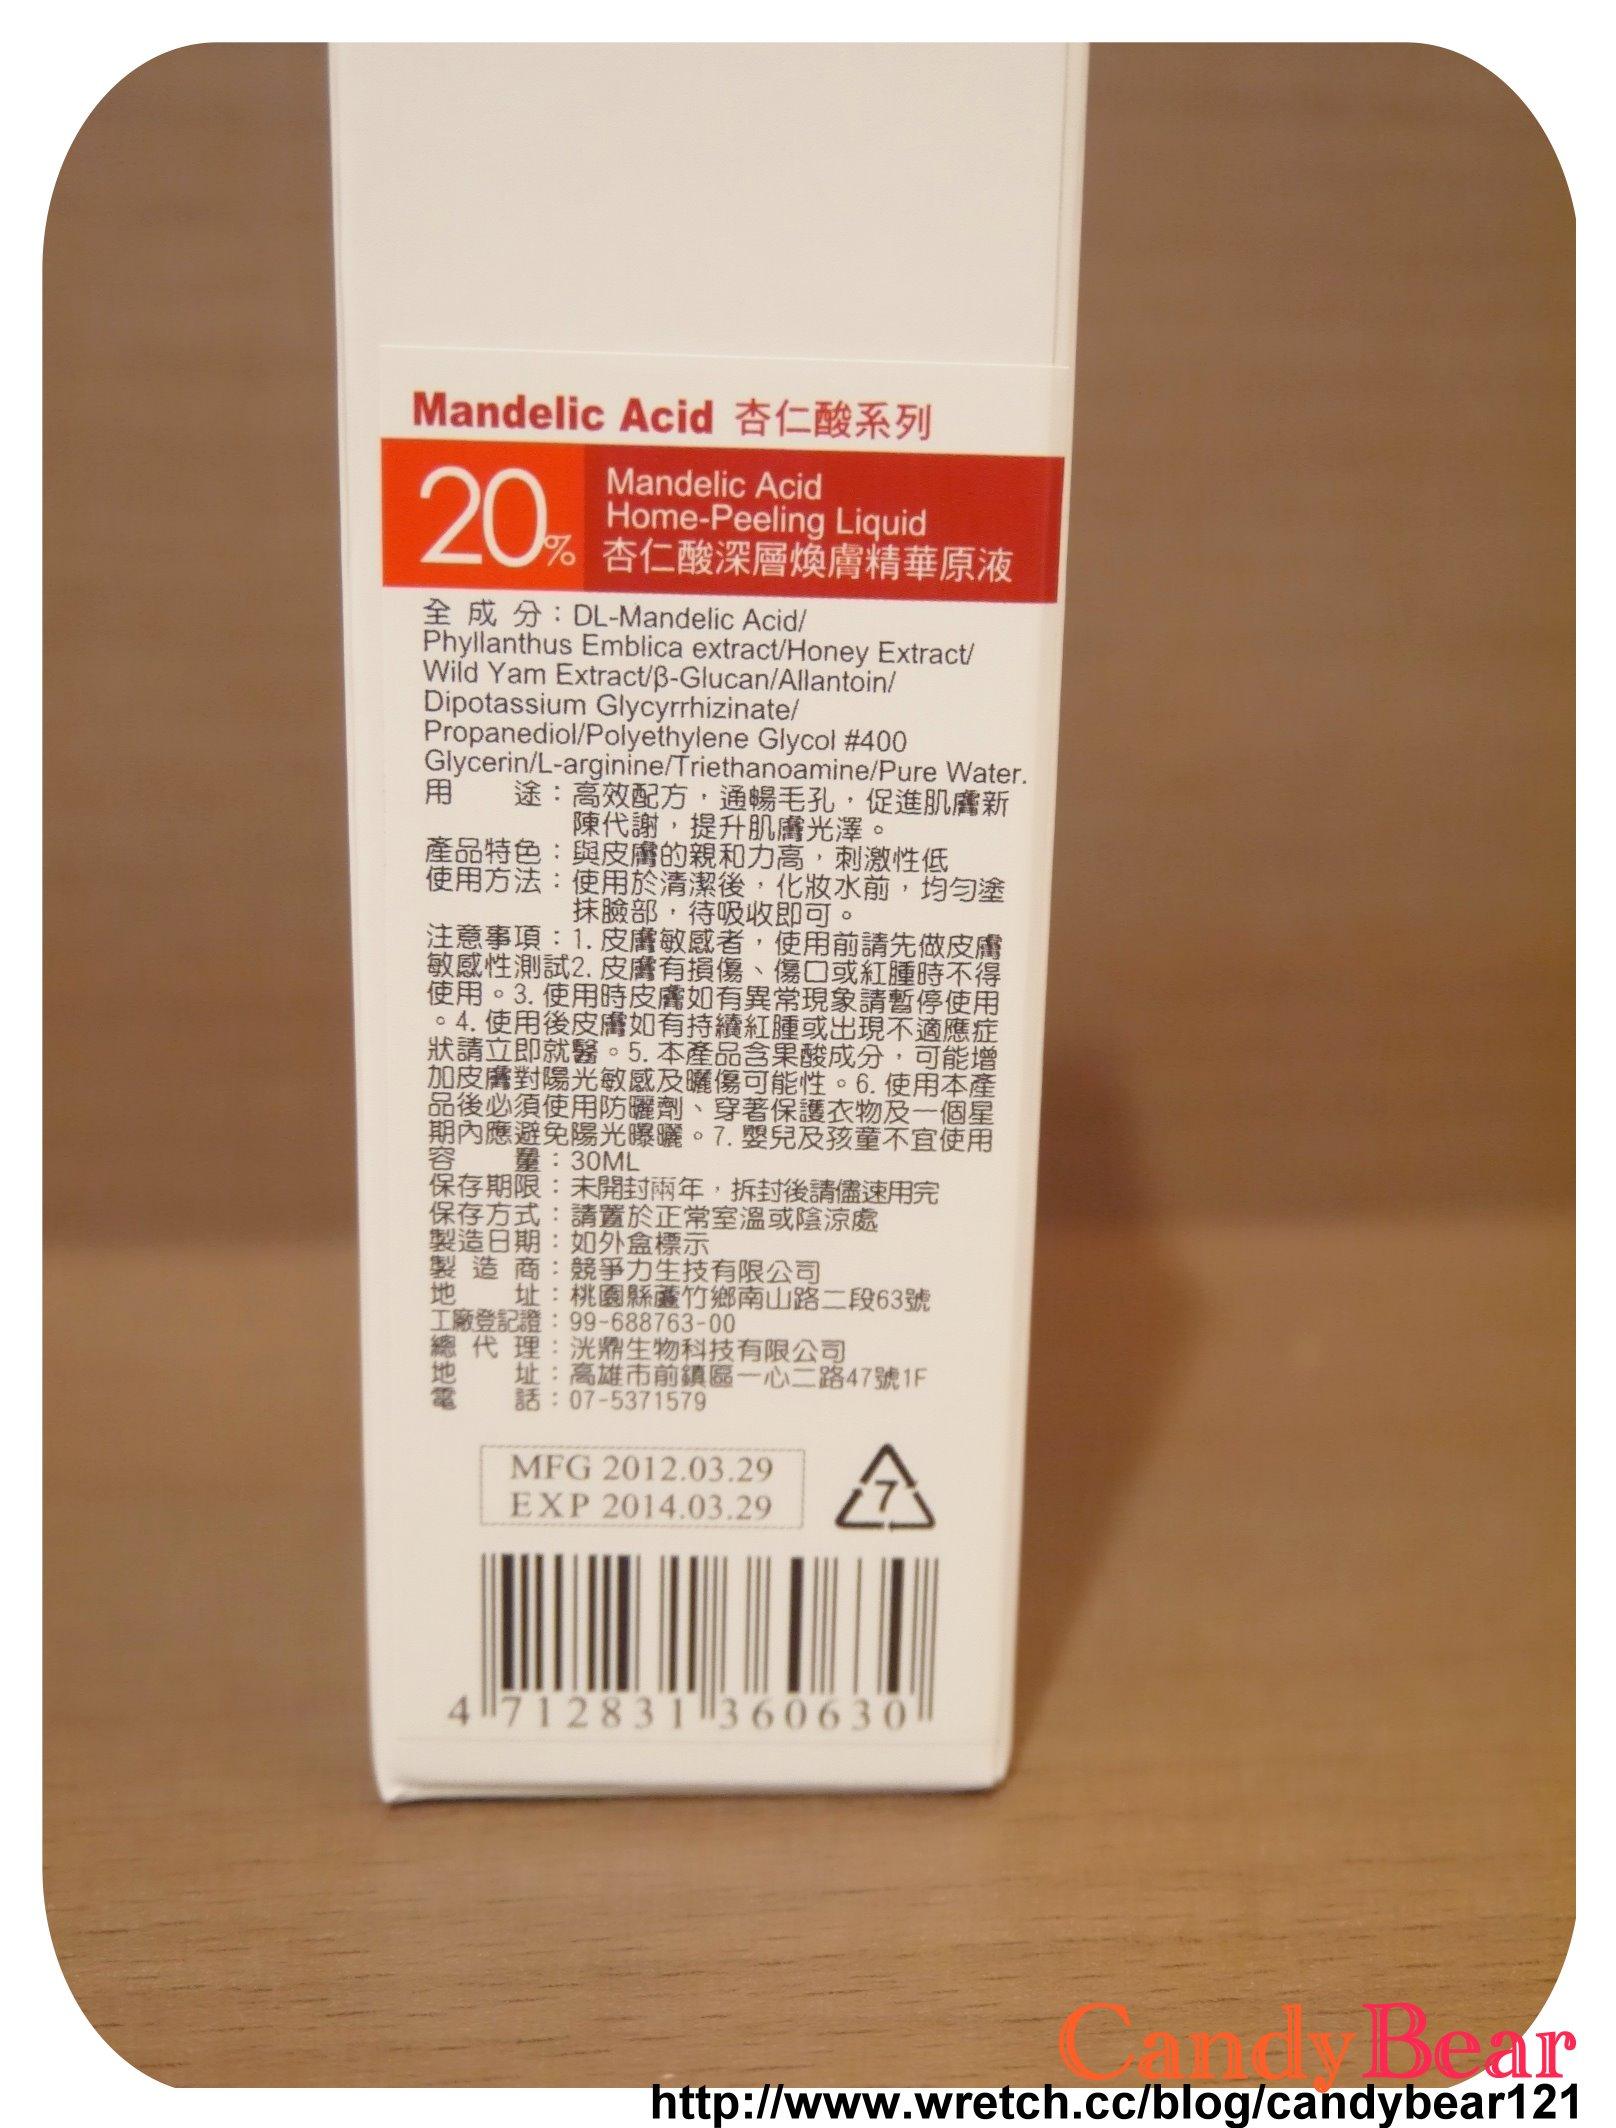 Dr.Hsieh-杏仁酸深層煥膚精華原液20%_外包裝說明